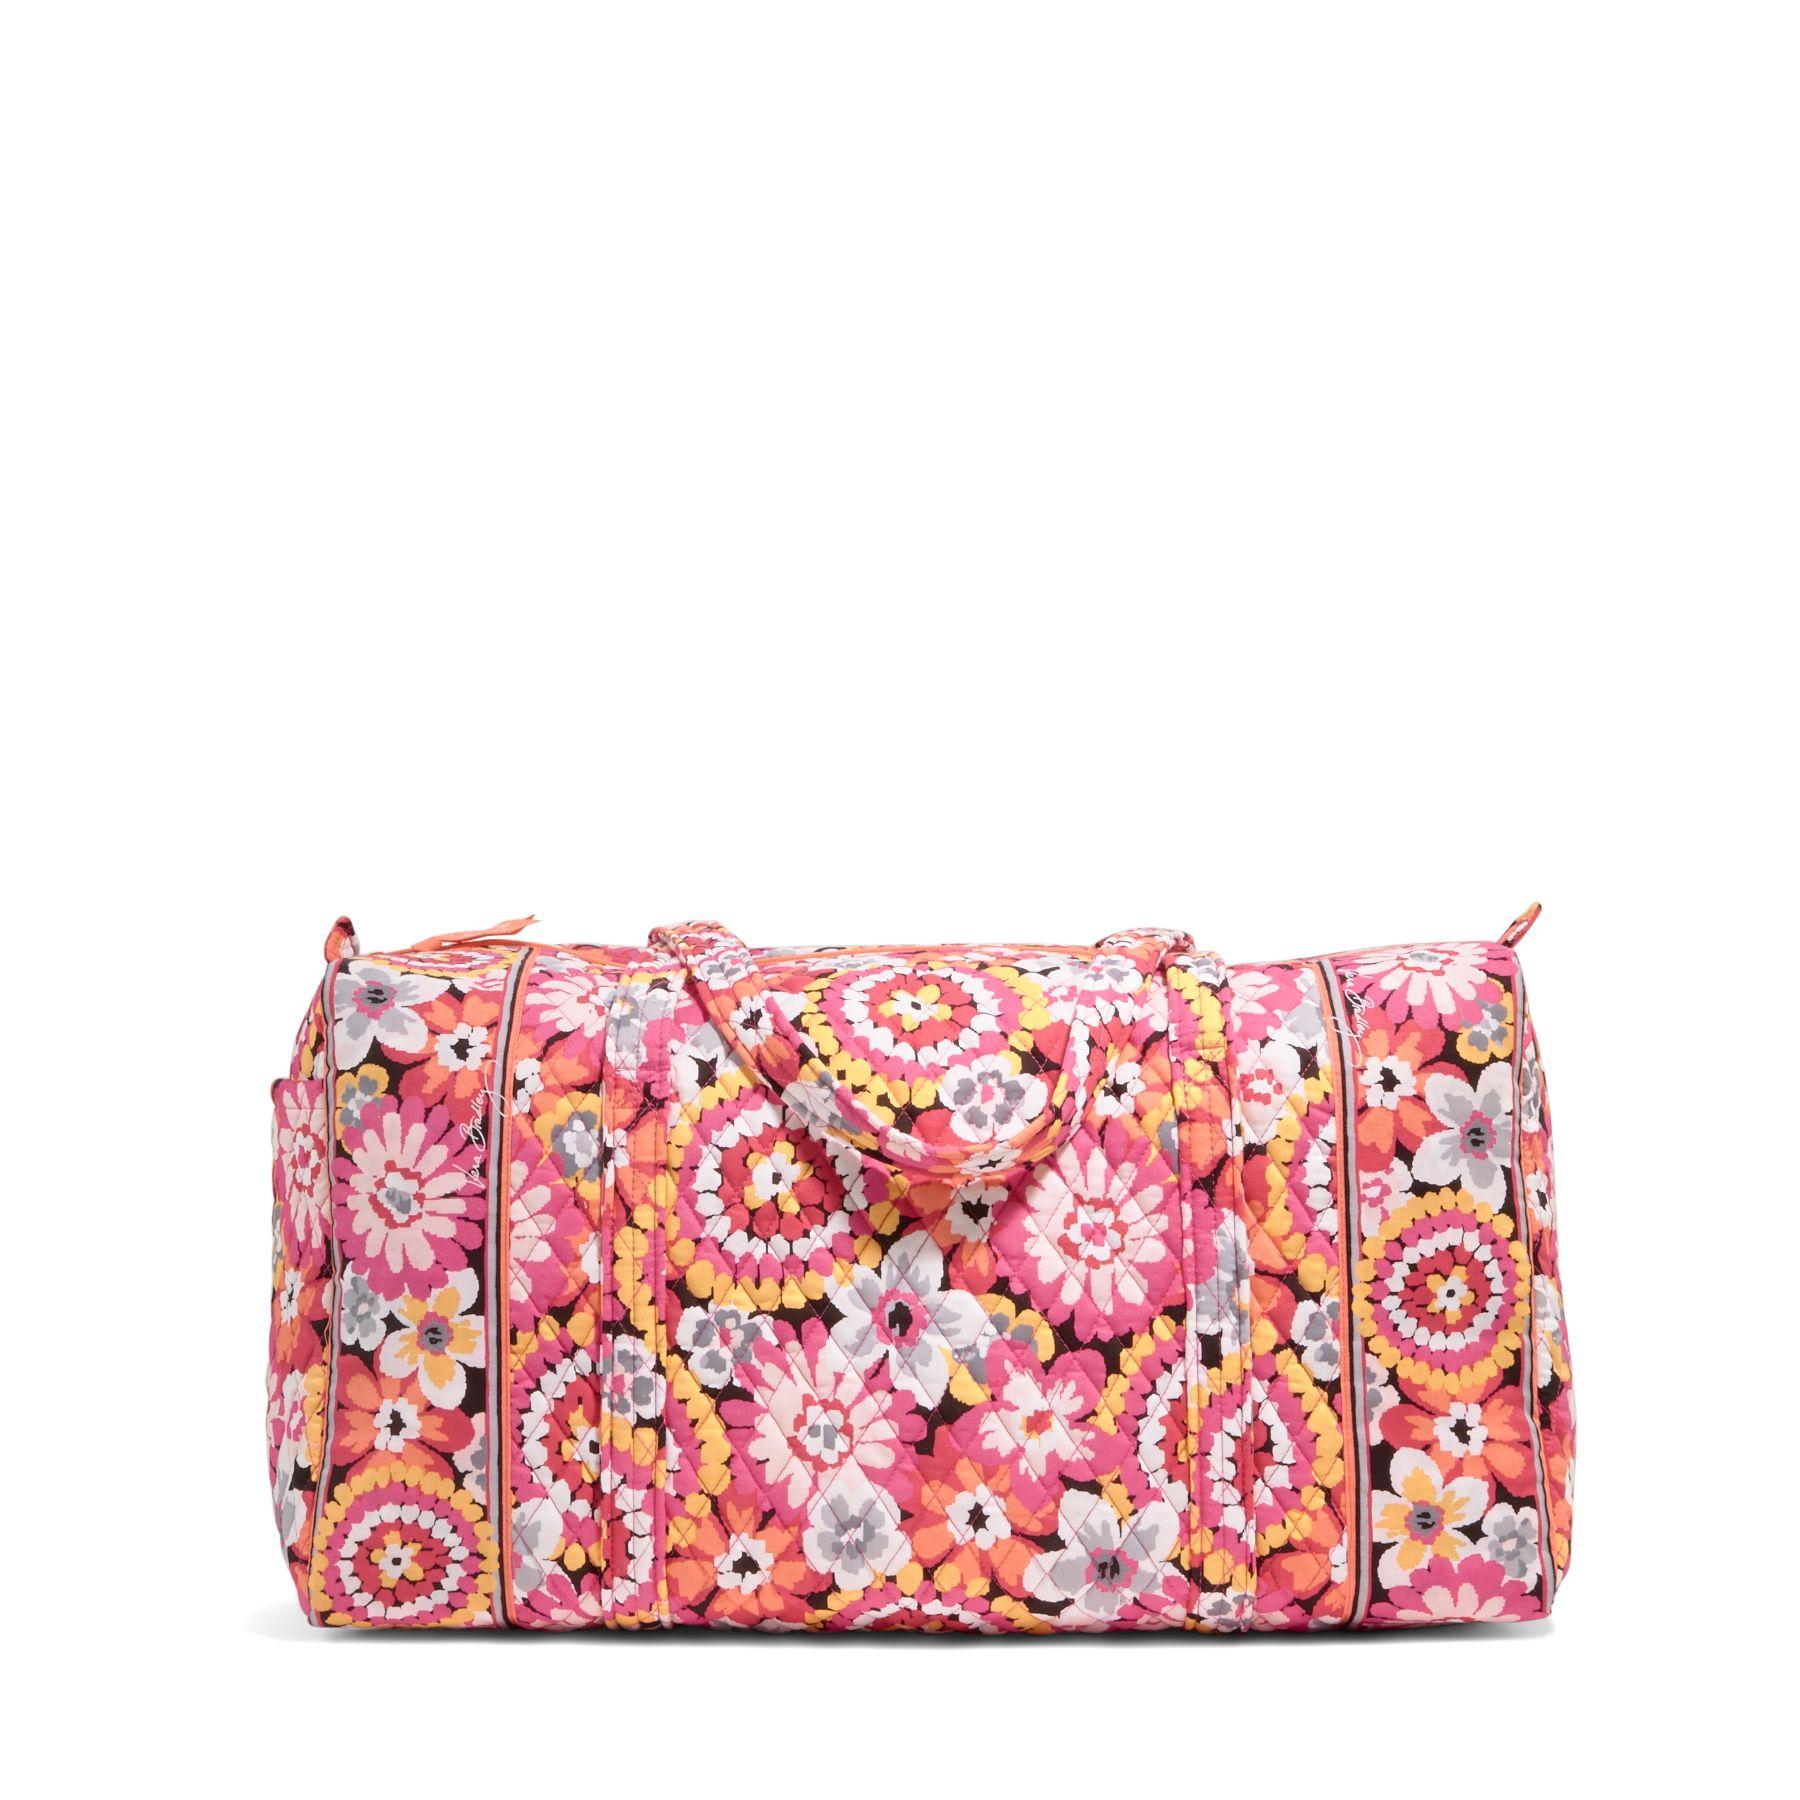 Vera Bradley Large Duffel Travel Bag in Pixie Blooms